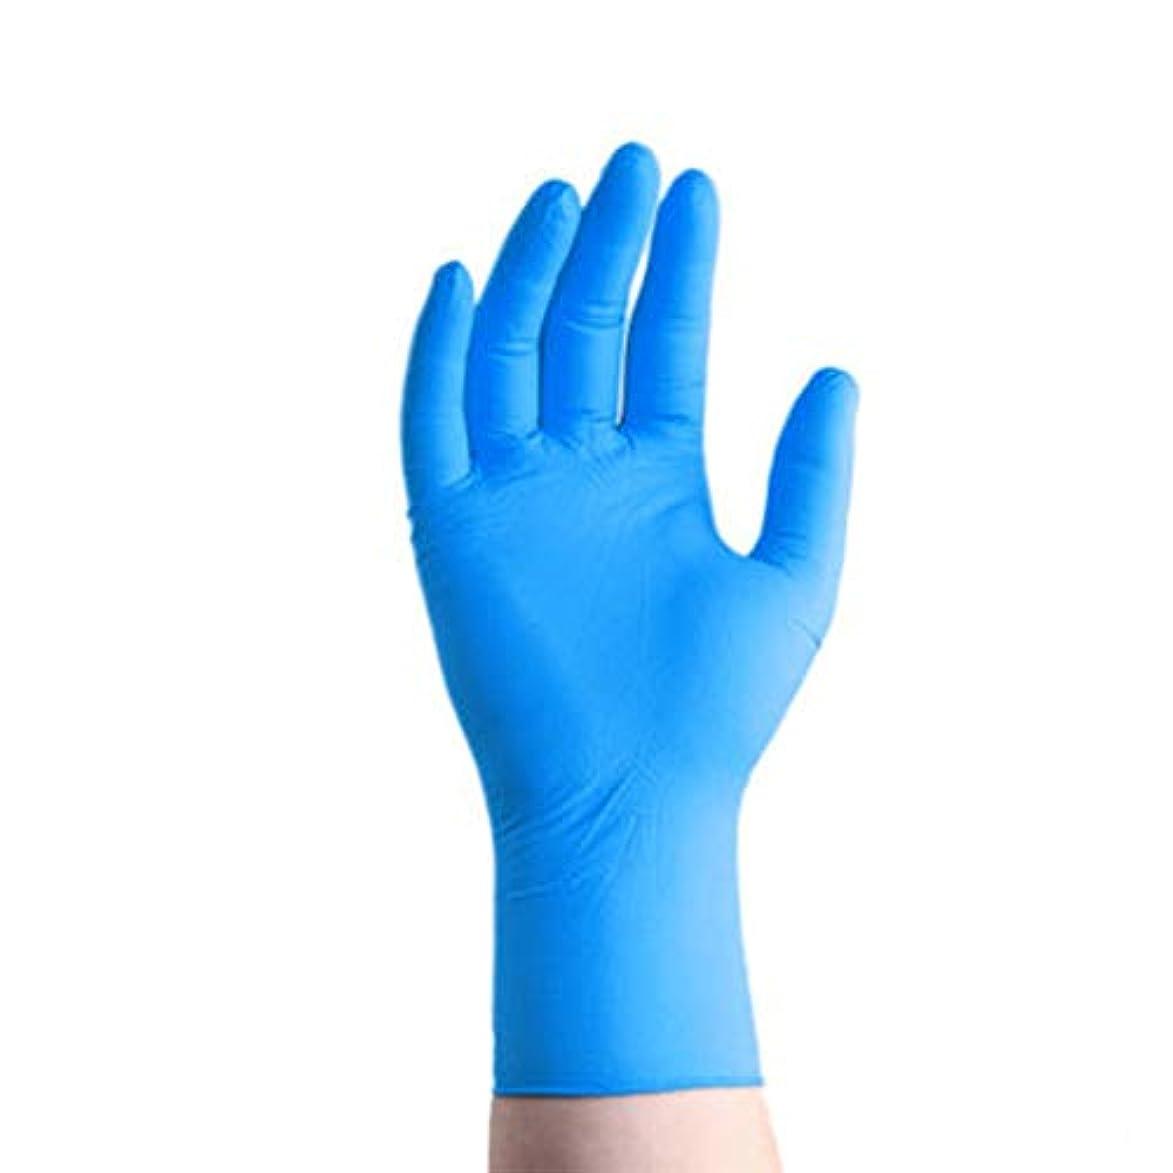 気付く項目トロリーバス使い捨て手袋 ニトリル ゴムラテックス手袋 滑りにくい 超弾性 実用 衛生 多用途 100枚入 (L, ライトブルー)